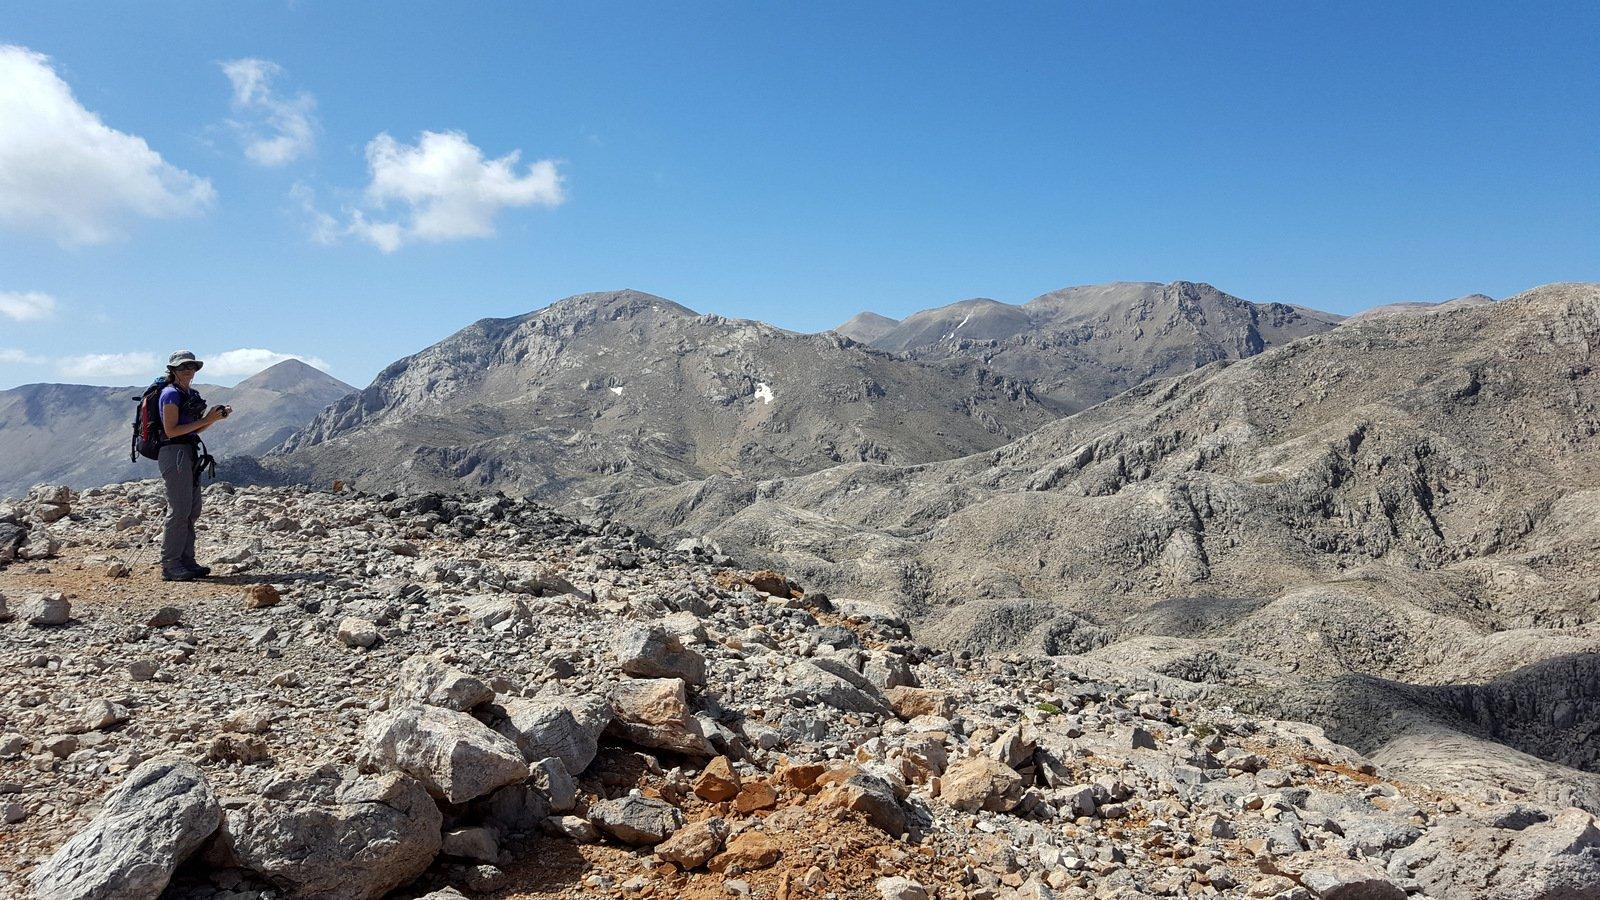 A centro foto l'Aghio Pnevma visto dalla cima dello Spathì.